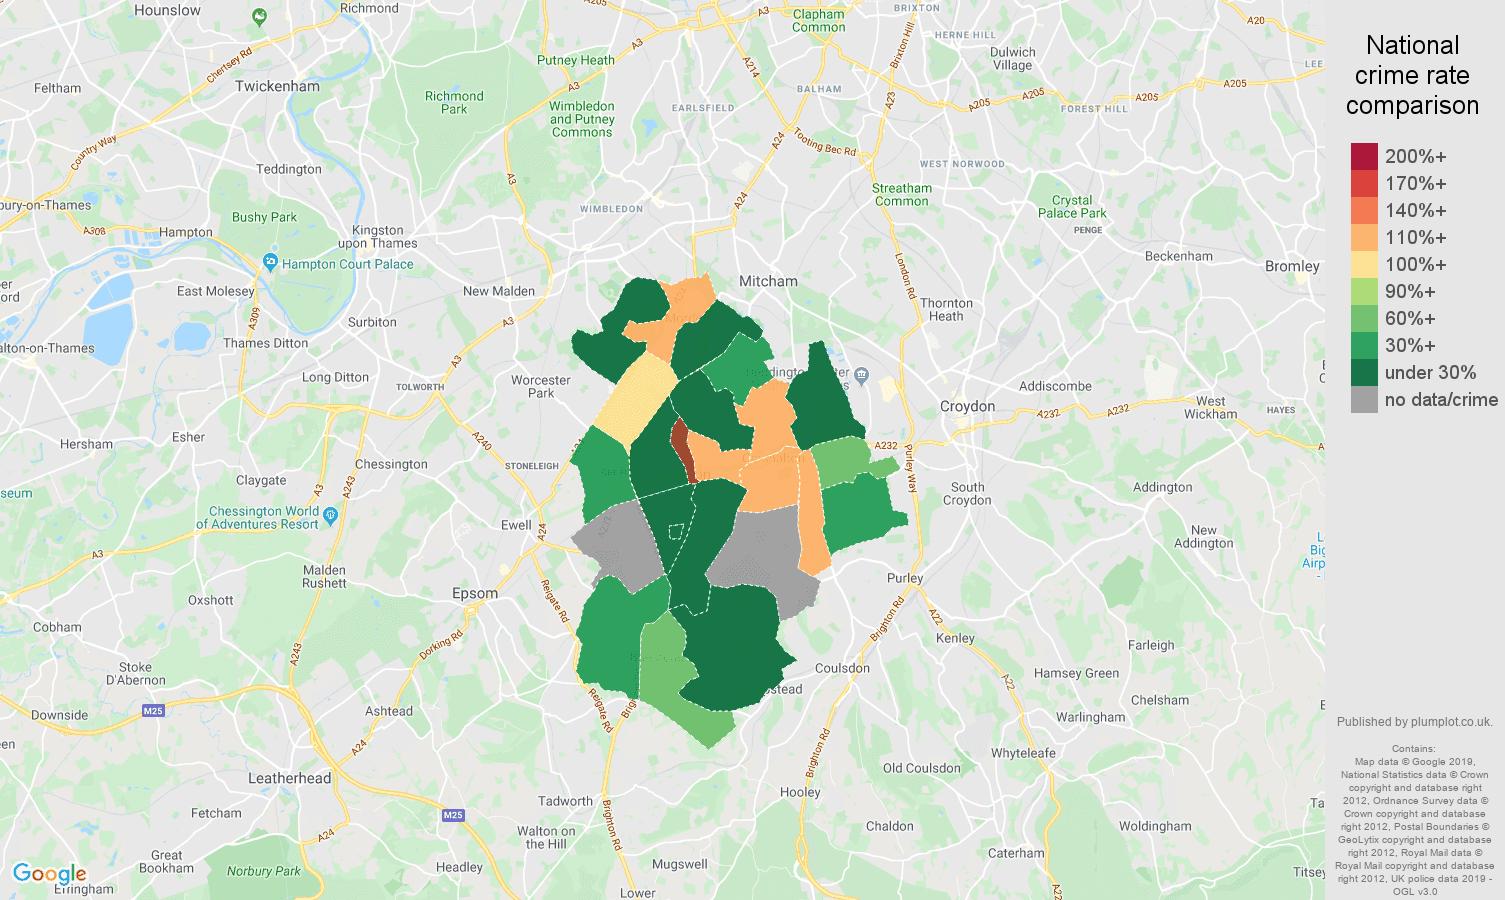 Sutton shoplifting crime rate comparison map